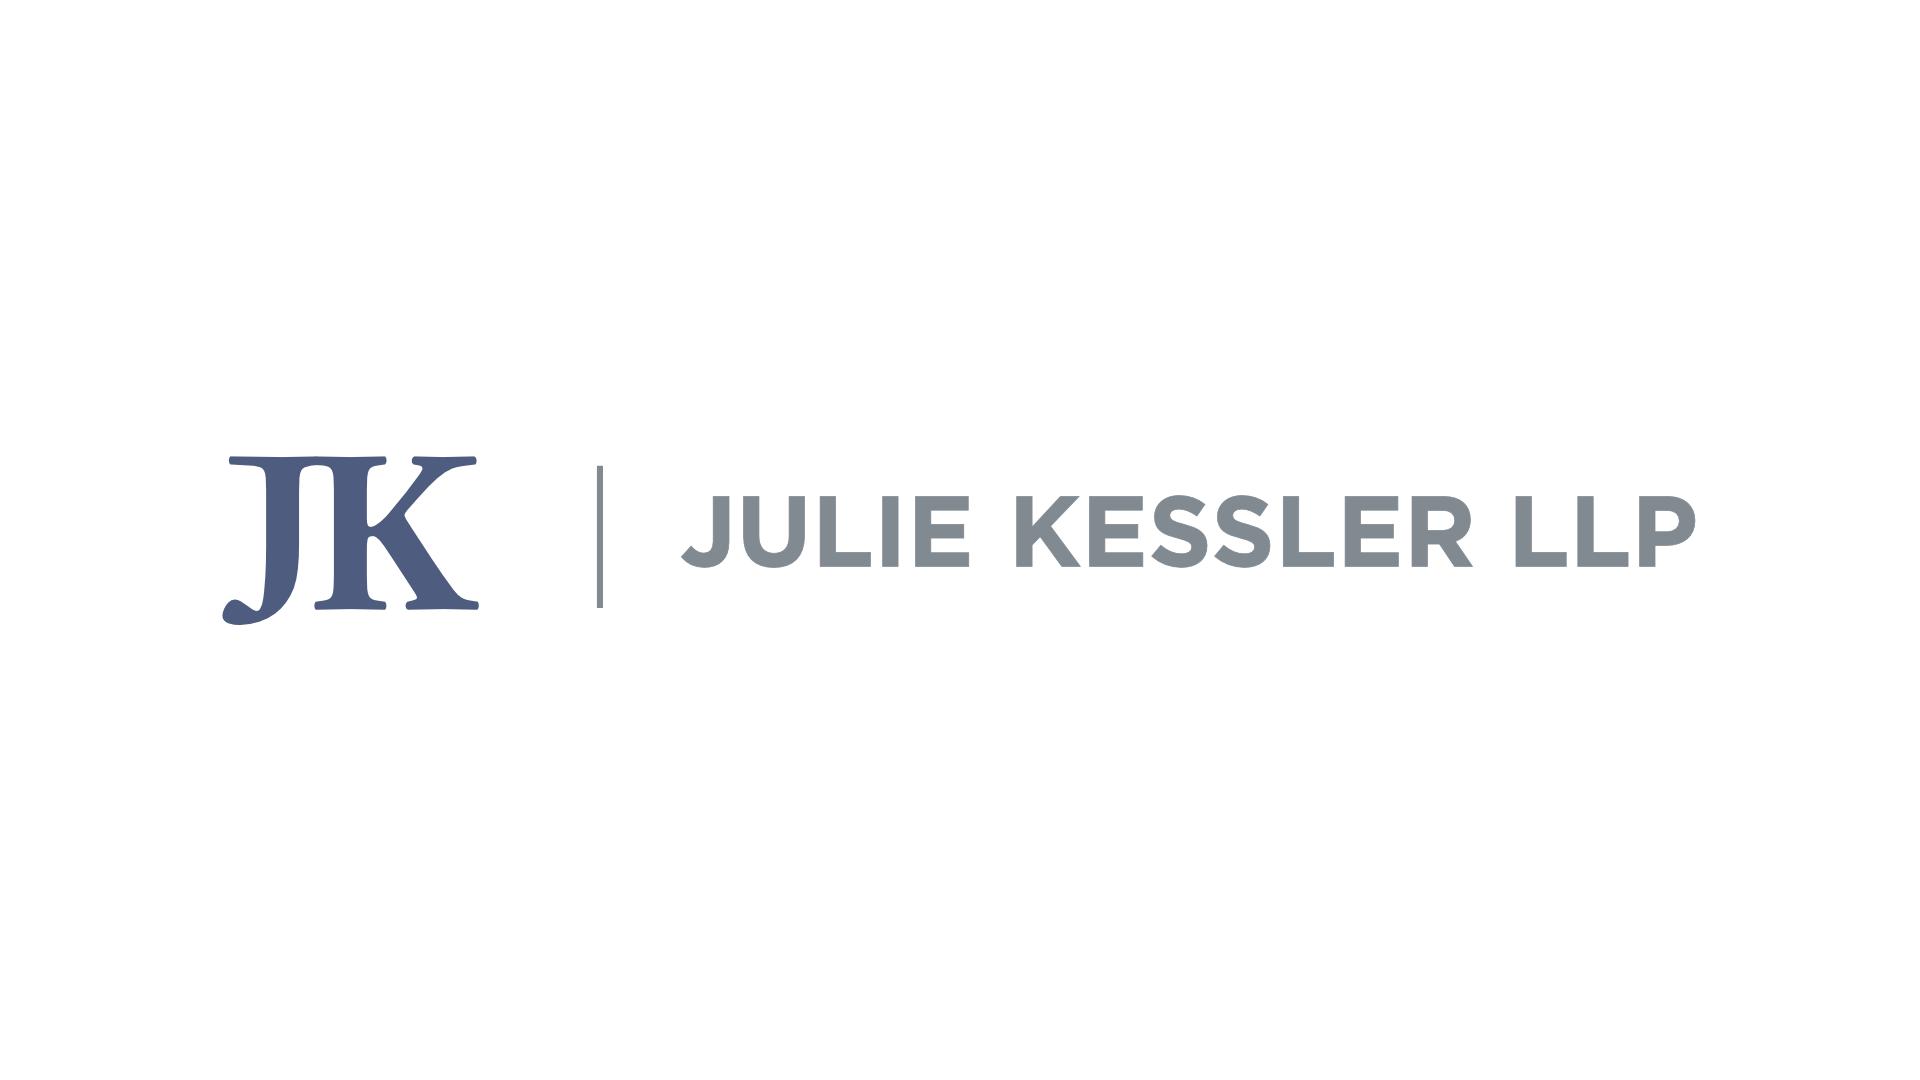 Julie Kessler LLP logo